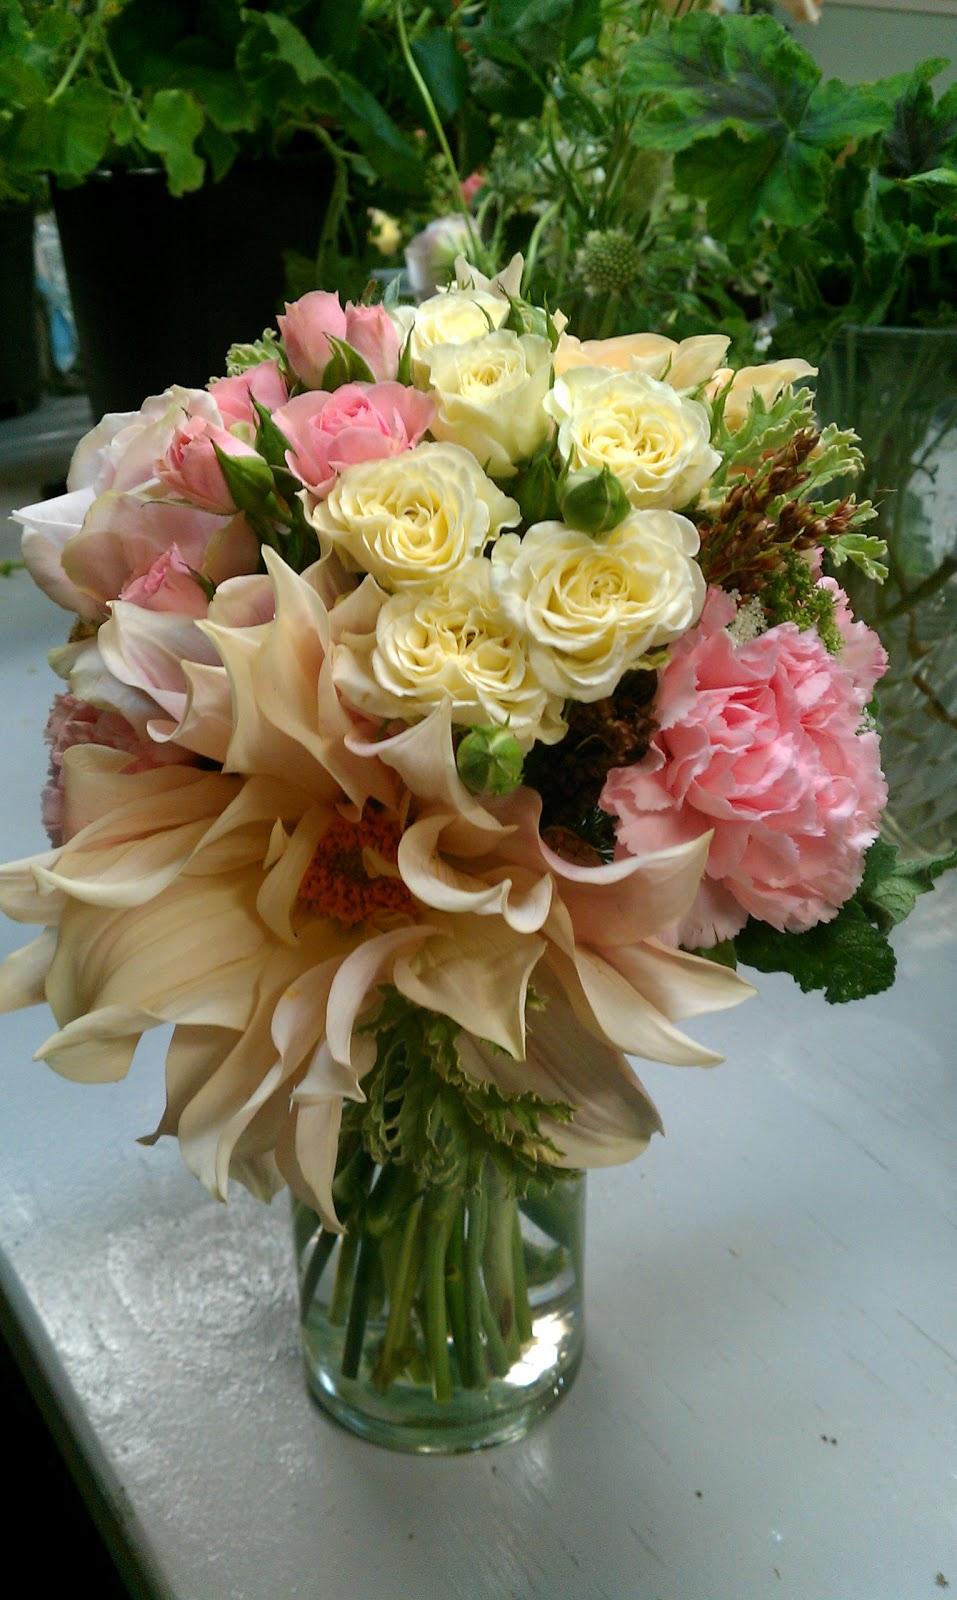 Bridal Flowers In November : November wedding flowers for in